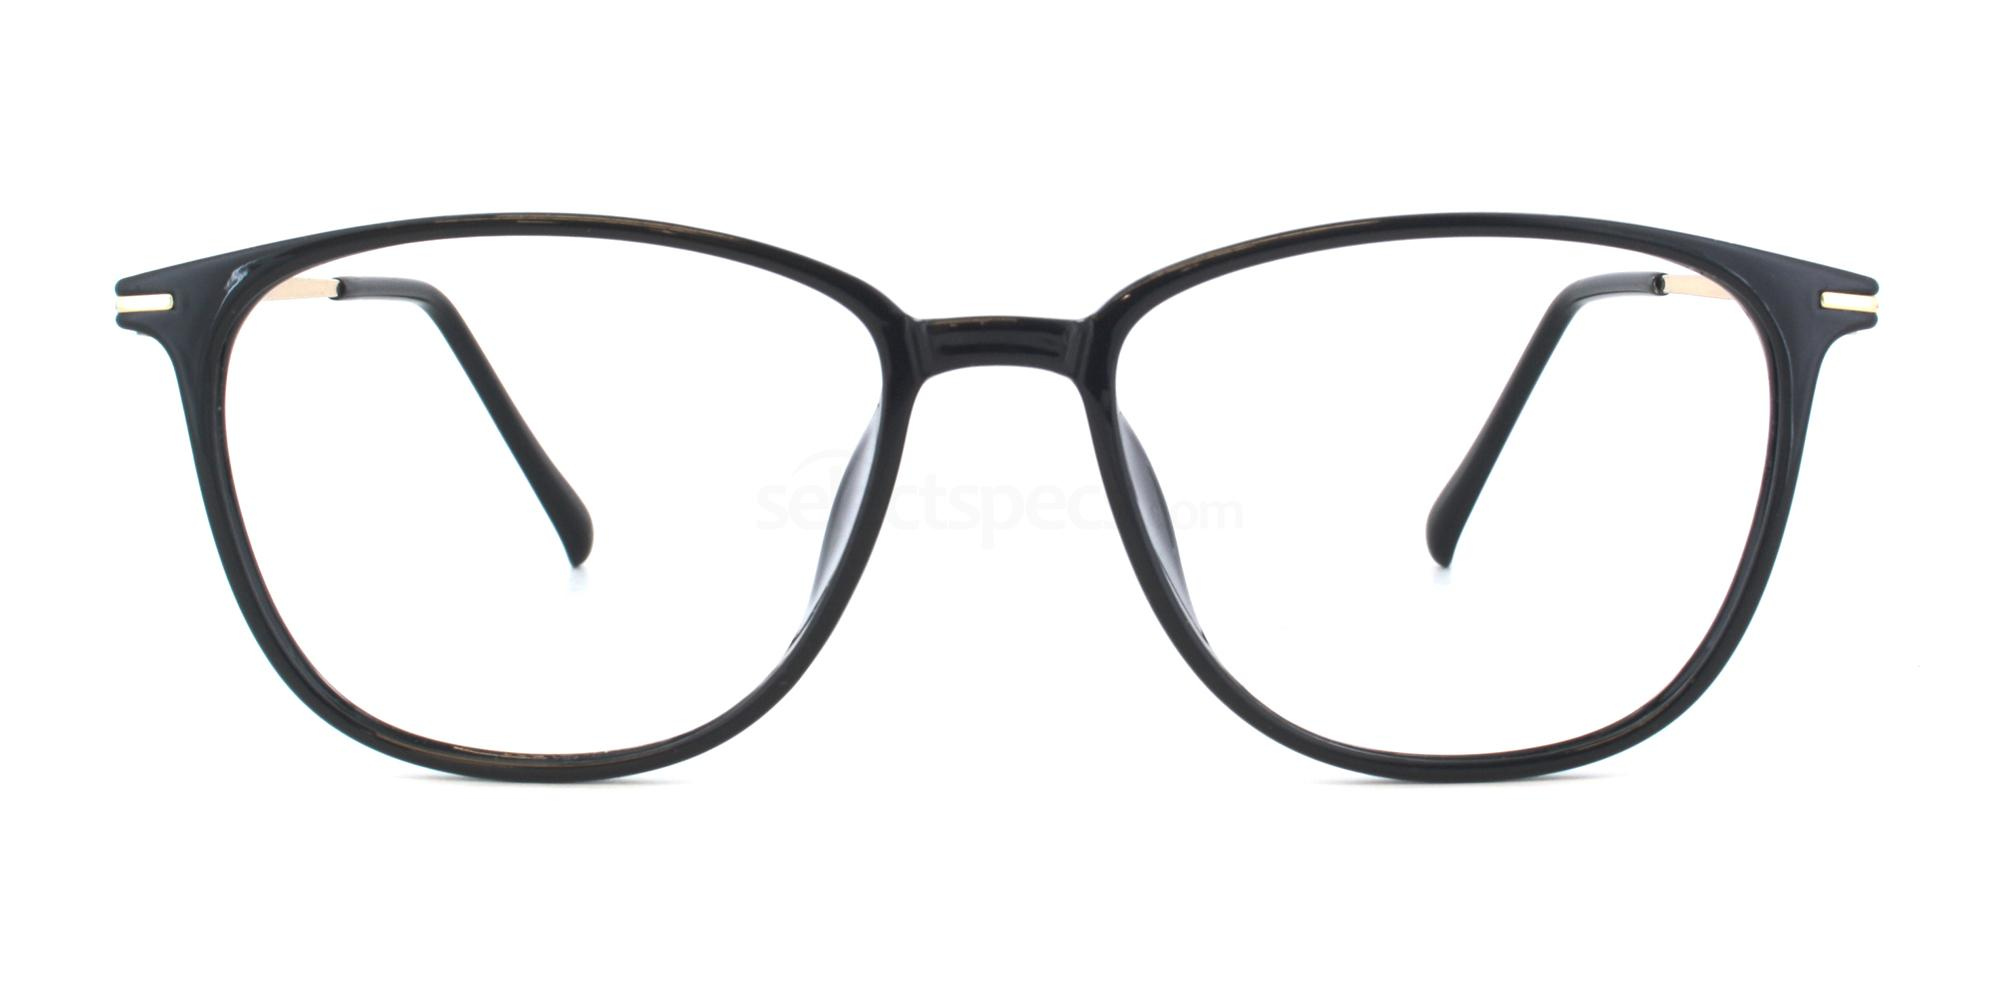 C01 8063 Glasses, SelectSpecs